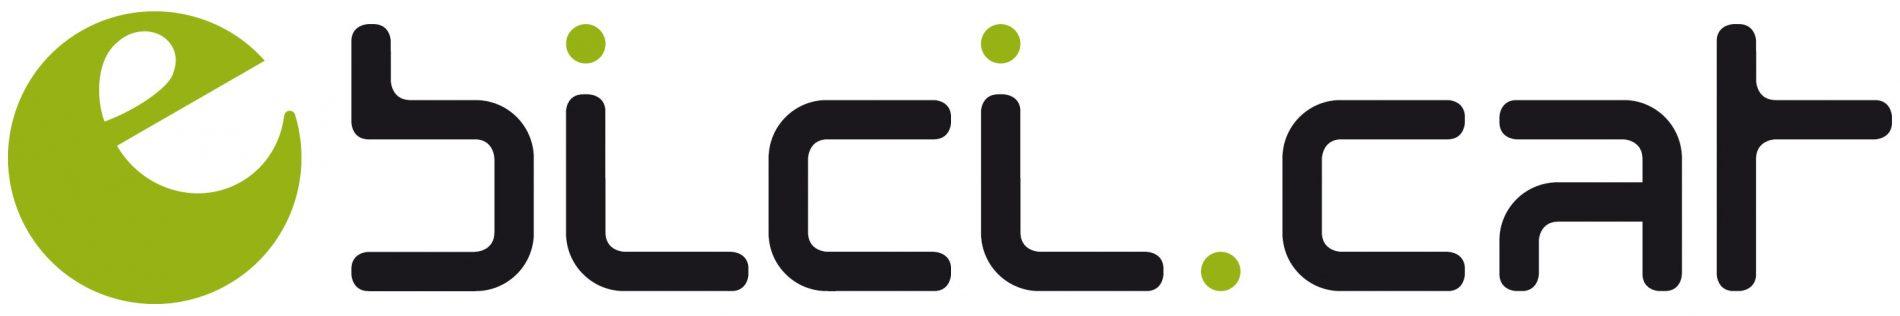 eBici.cat-Biciclick Girona Logo